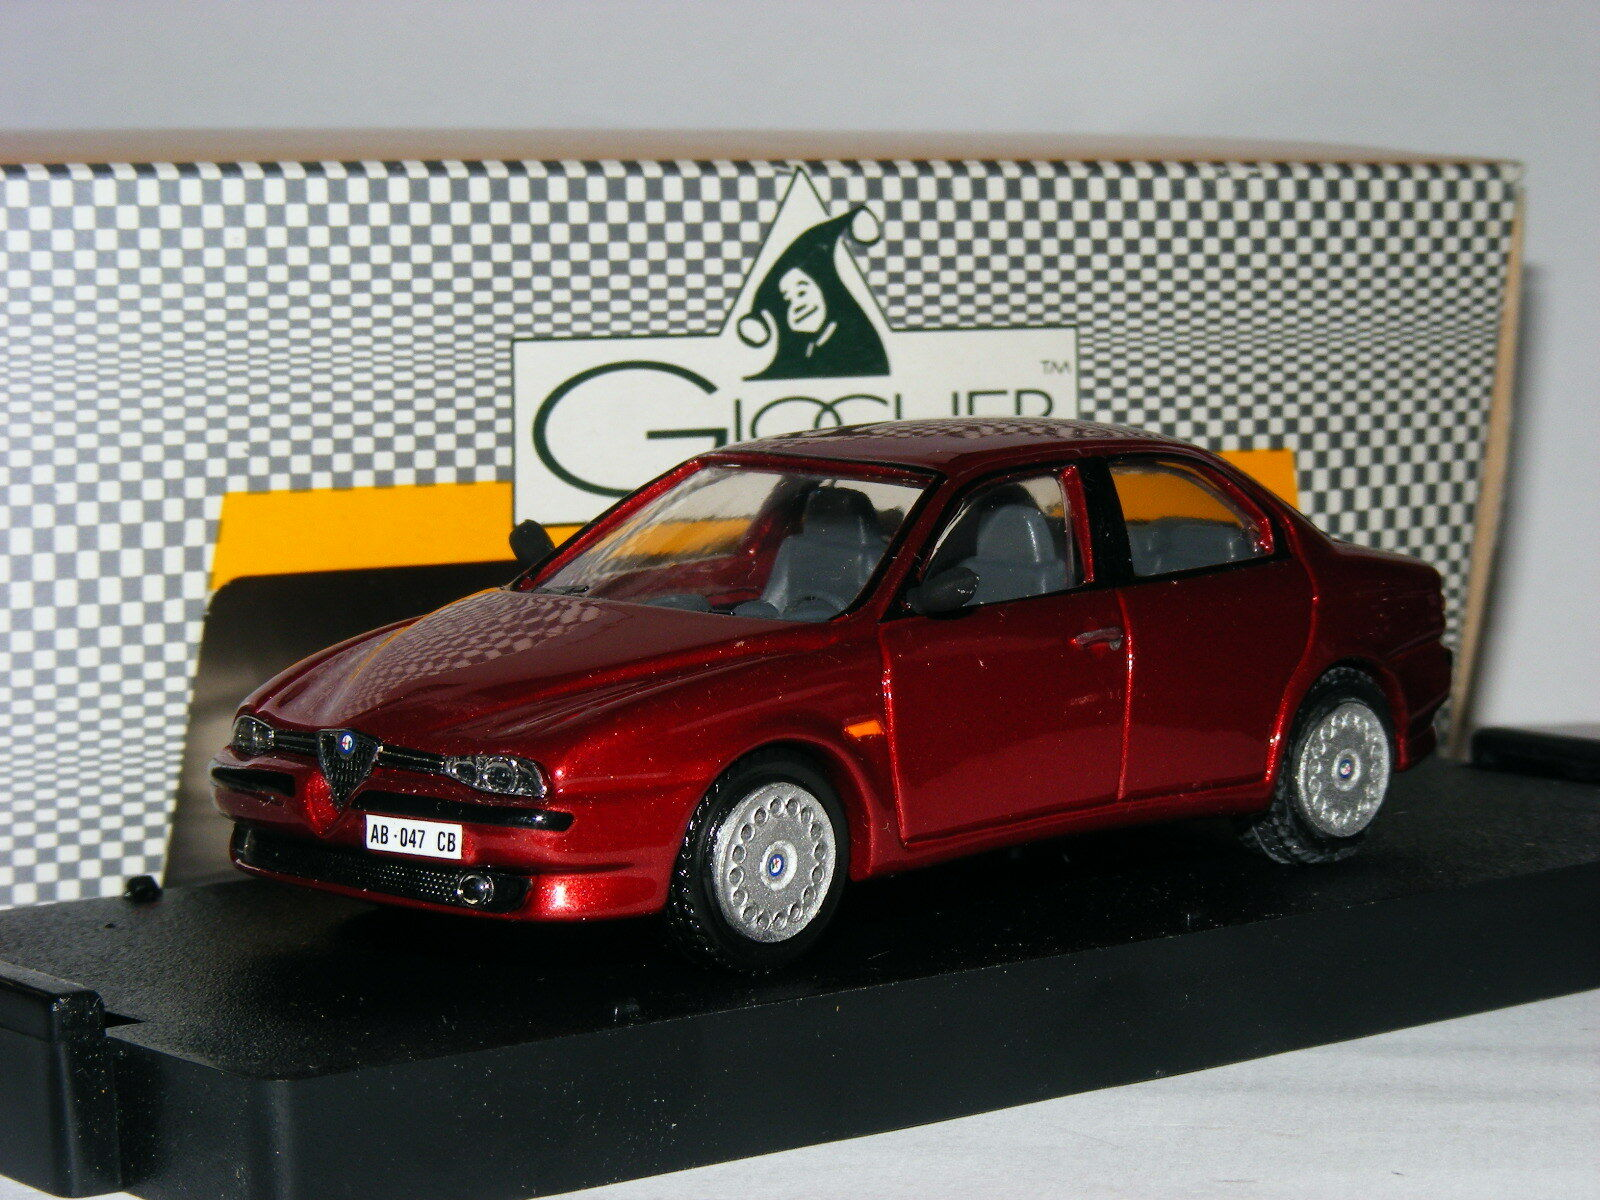 Giocher grar 02 1996 Alfa Alfa Alfa Romeo 156 1.8 T-Spark Rojo Metálico 1 43 fc6631